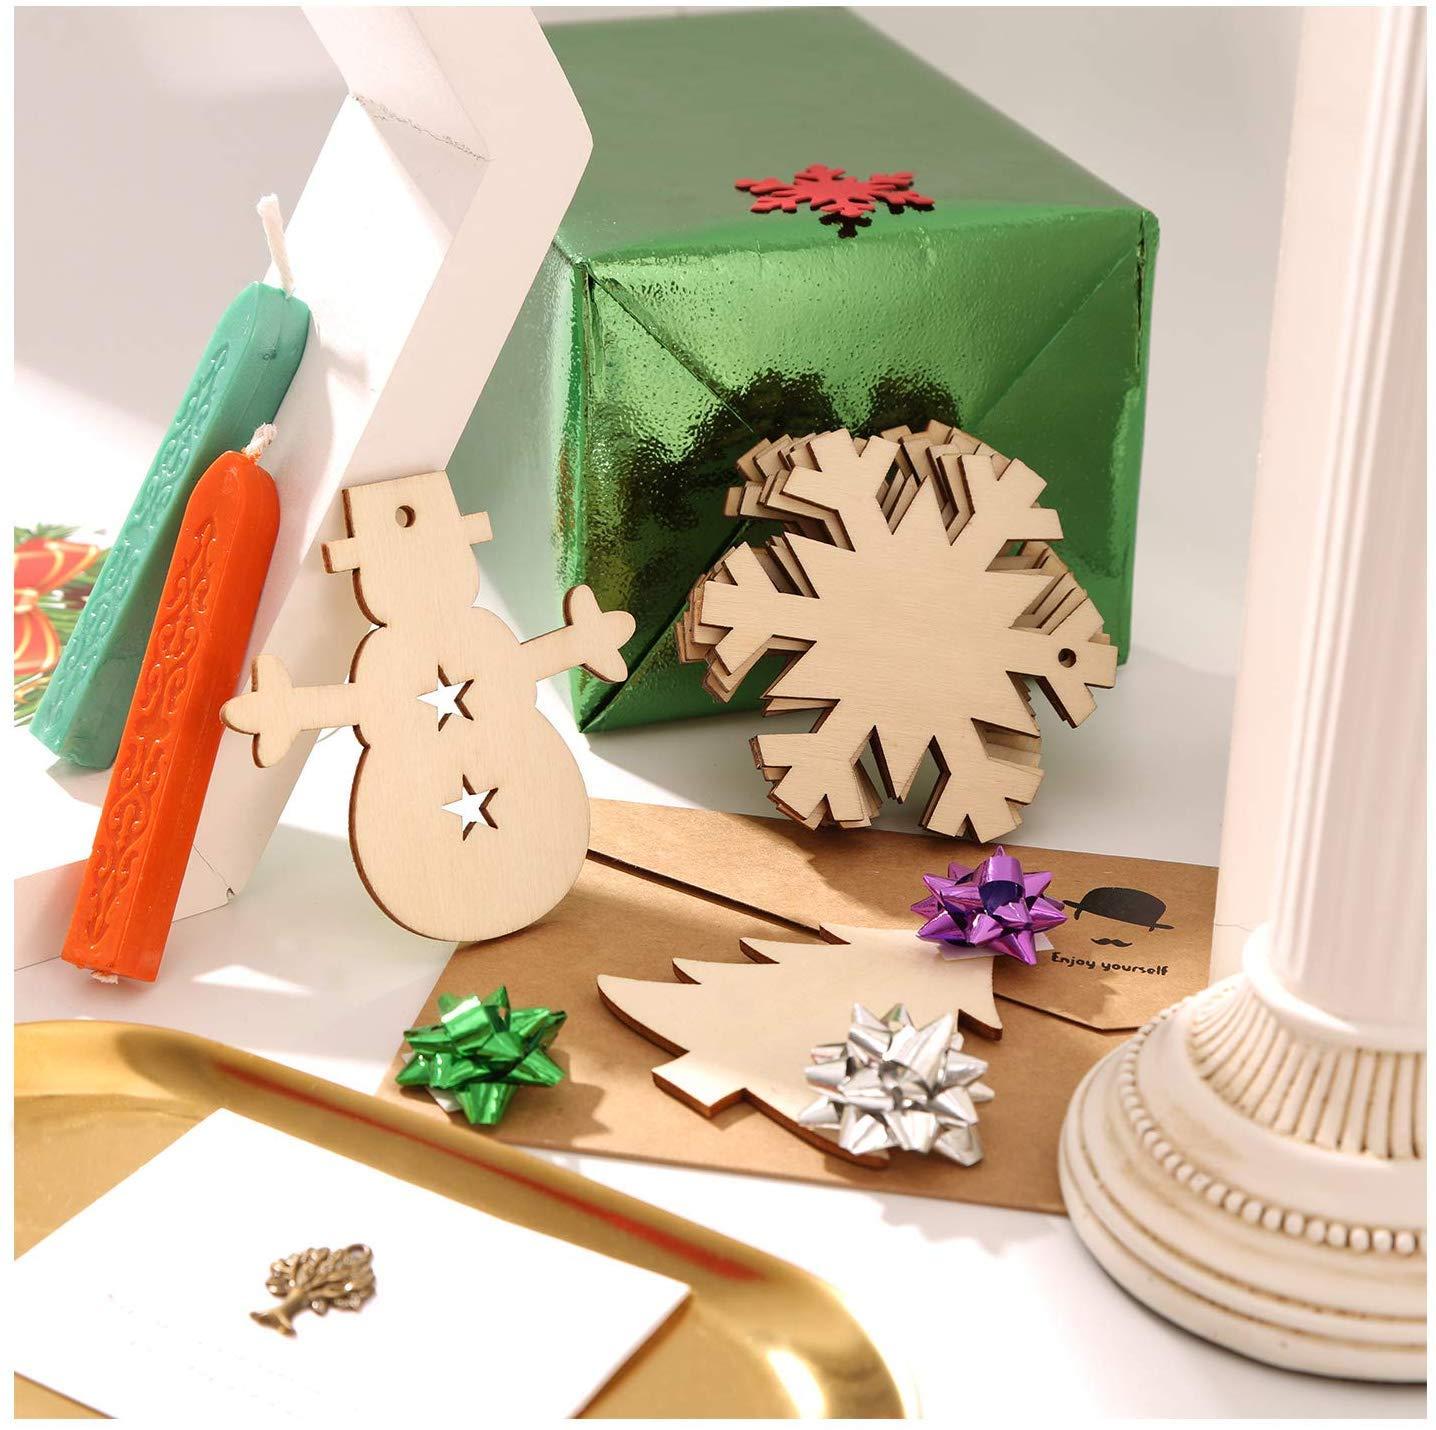 Amacoam Adorno Arbol Navidad Madera Colgantes de Madera para Navidad Adorno de Madera de Arbol de Navidad Ornamento con Cordel para Manualidades Bricolaje Decoraciones Navidad Hogar Adornos 50 Piezas